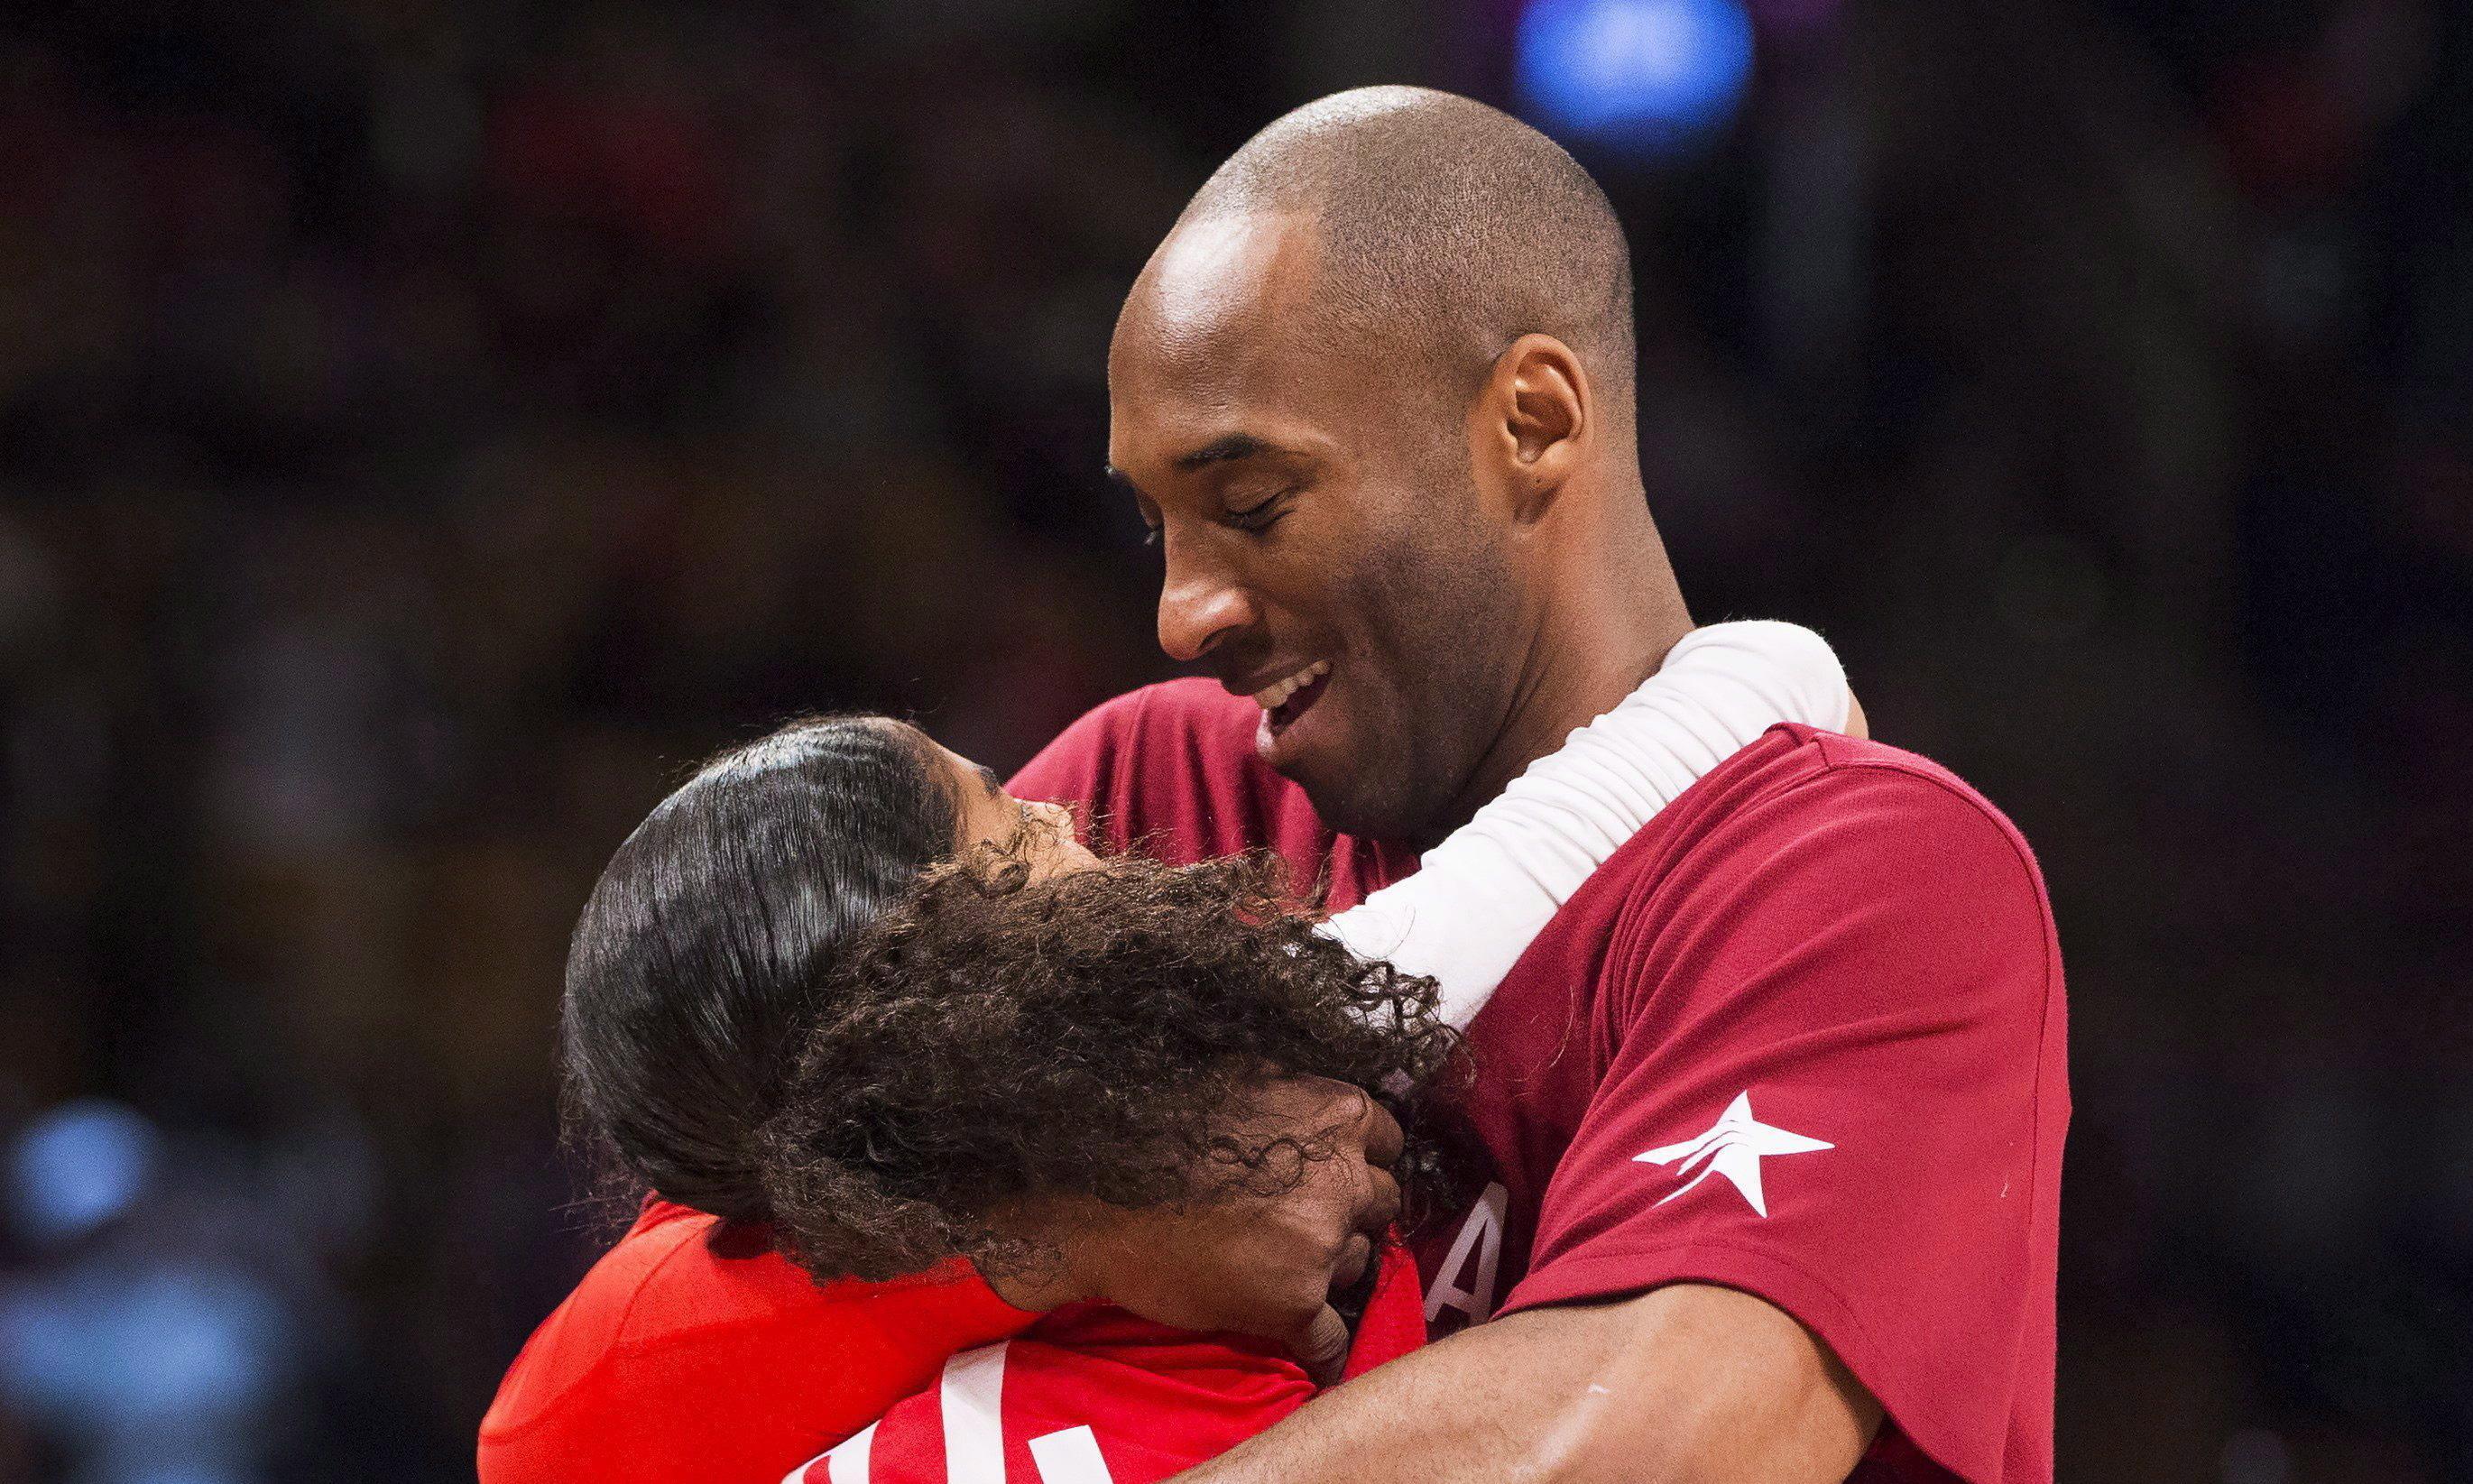 Monday briefing: Helicopter crash kills NBA star Kobe Bryant